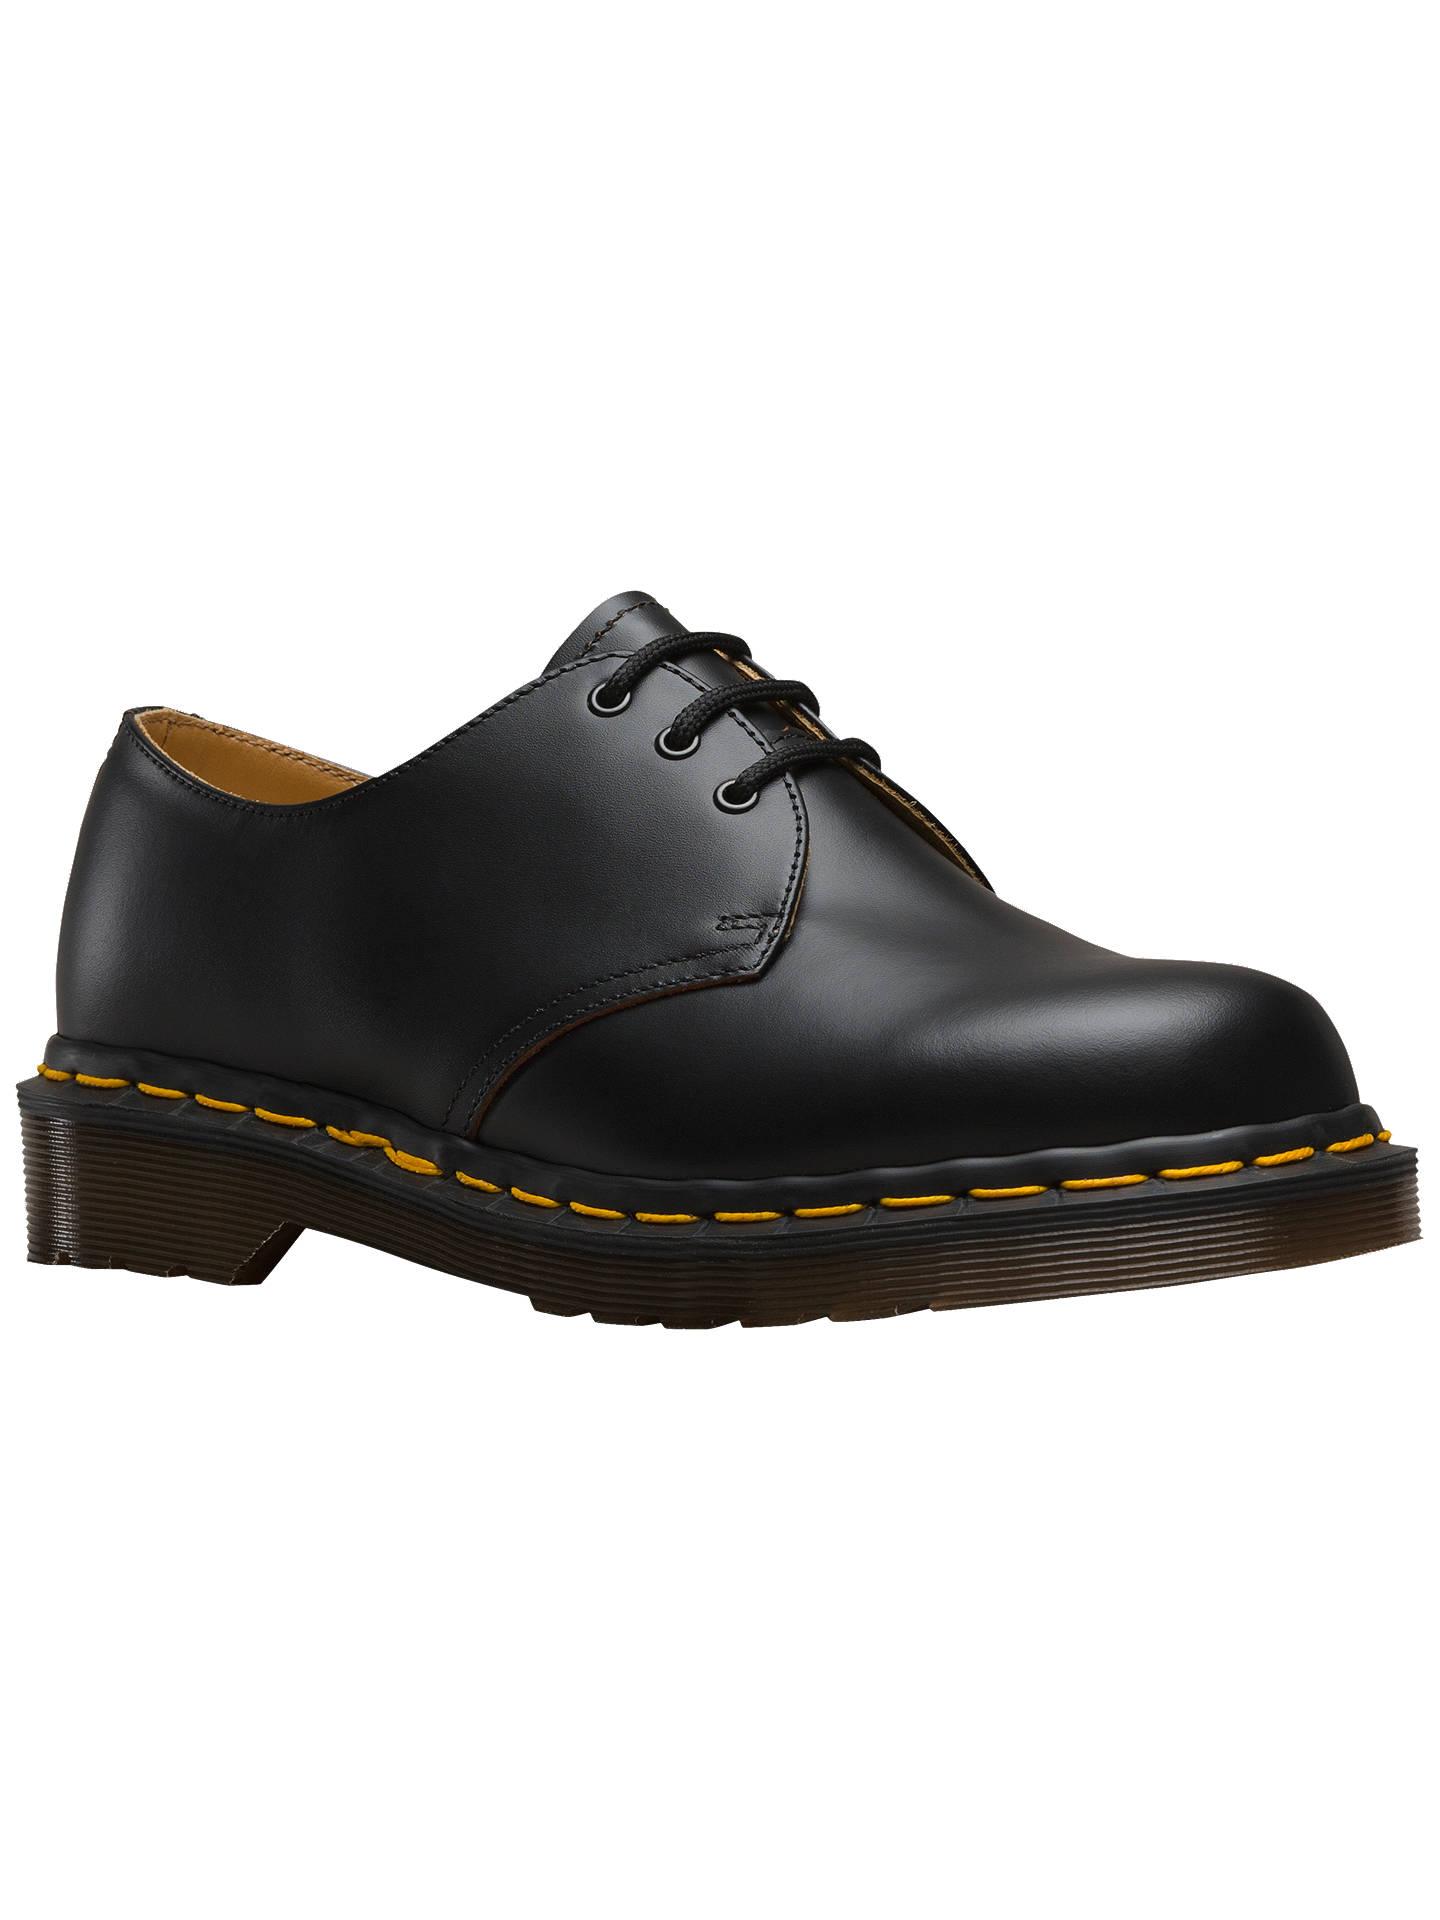 d35e13874c6 Buy Dr Martens 1461 Vintage Shoe, Black, 7 Online at johnlewis.com ...